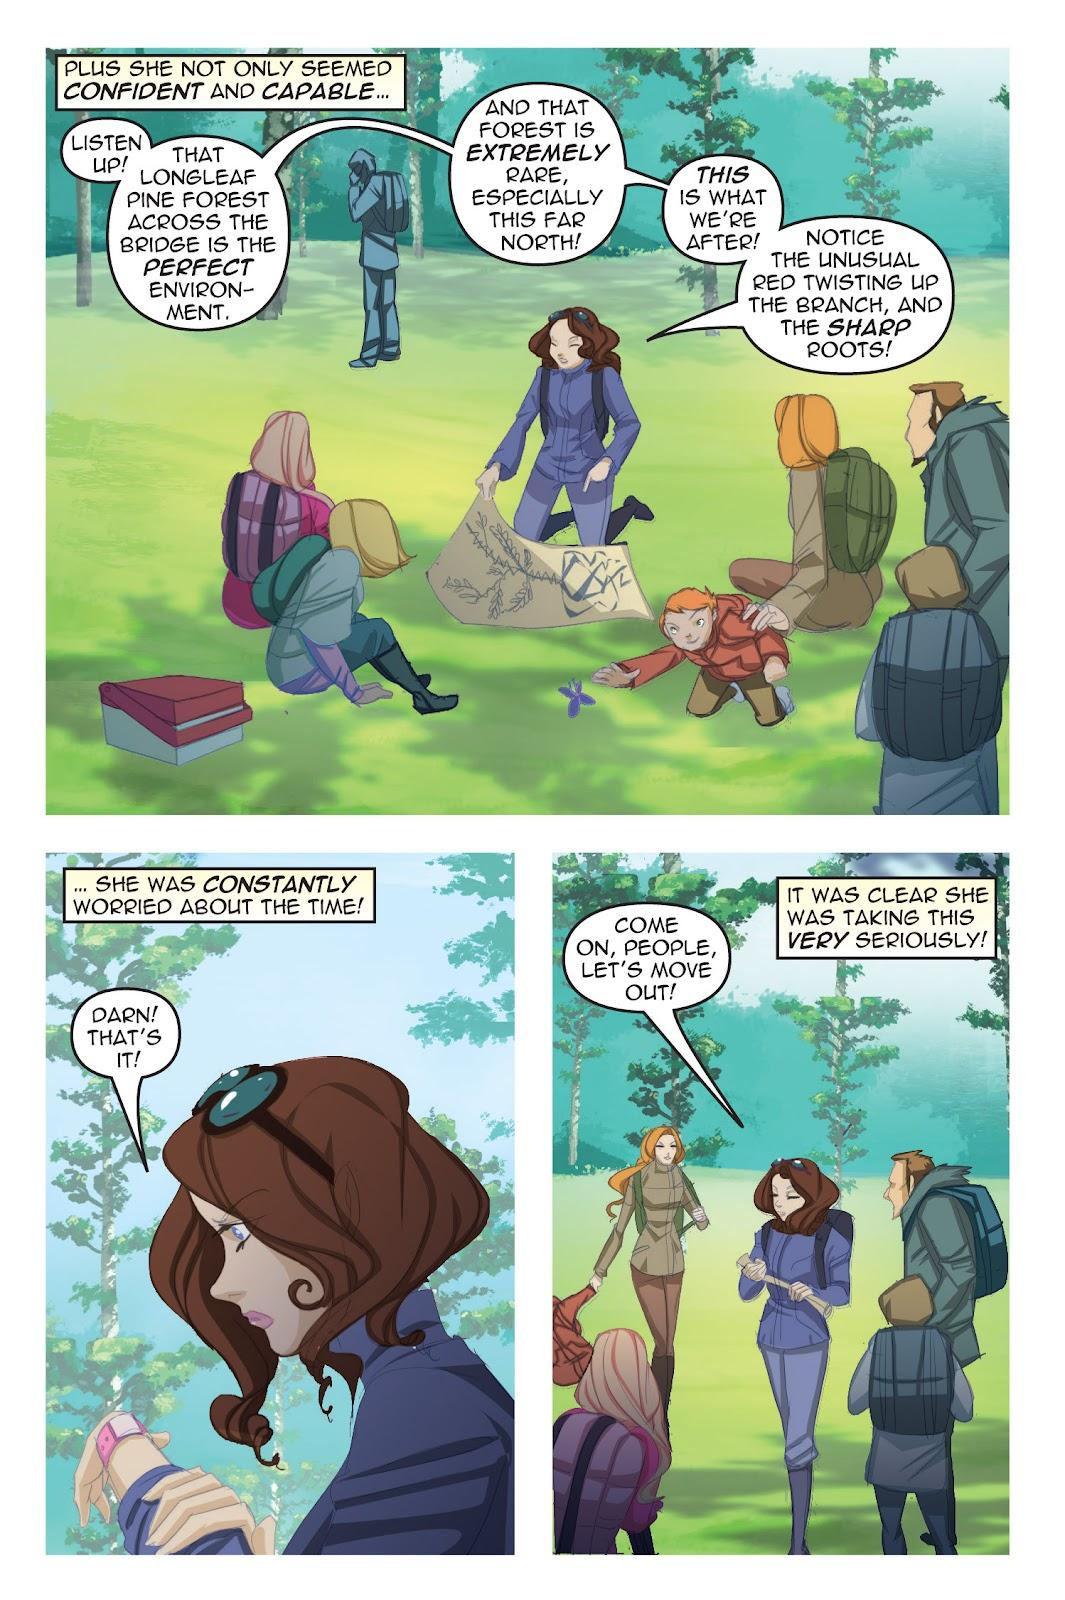 Read online Nancy Drew comic -  Issue #19 - 17